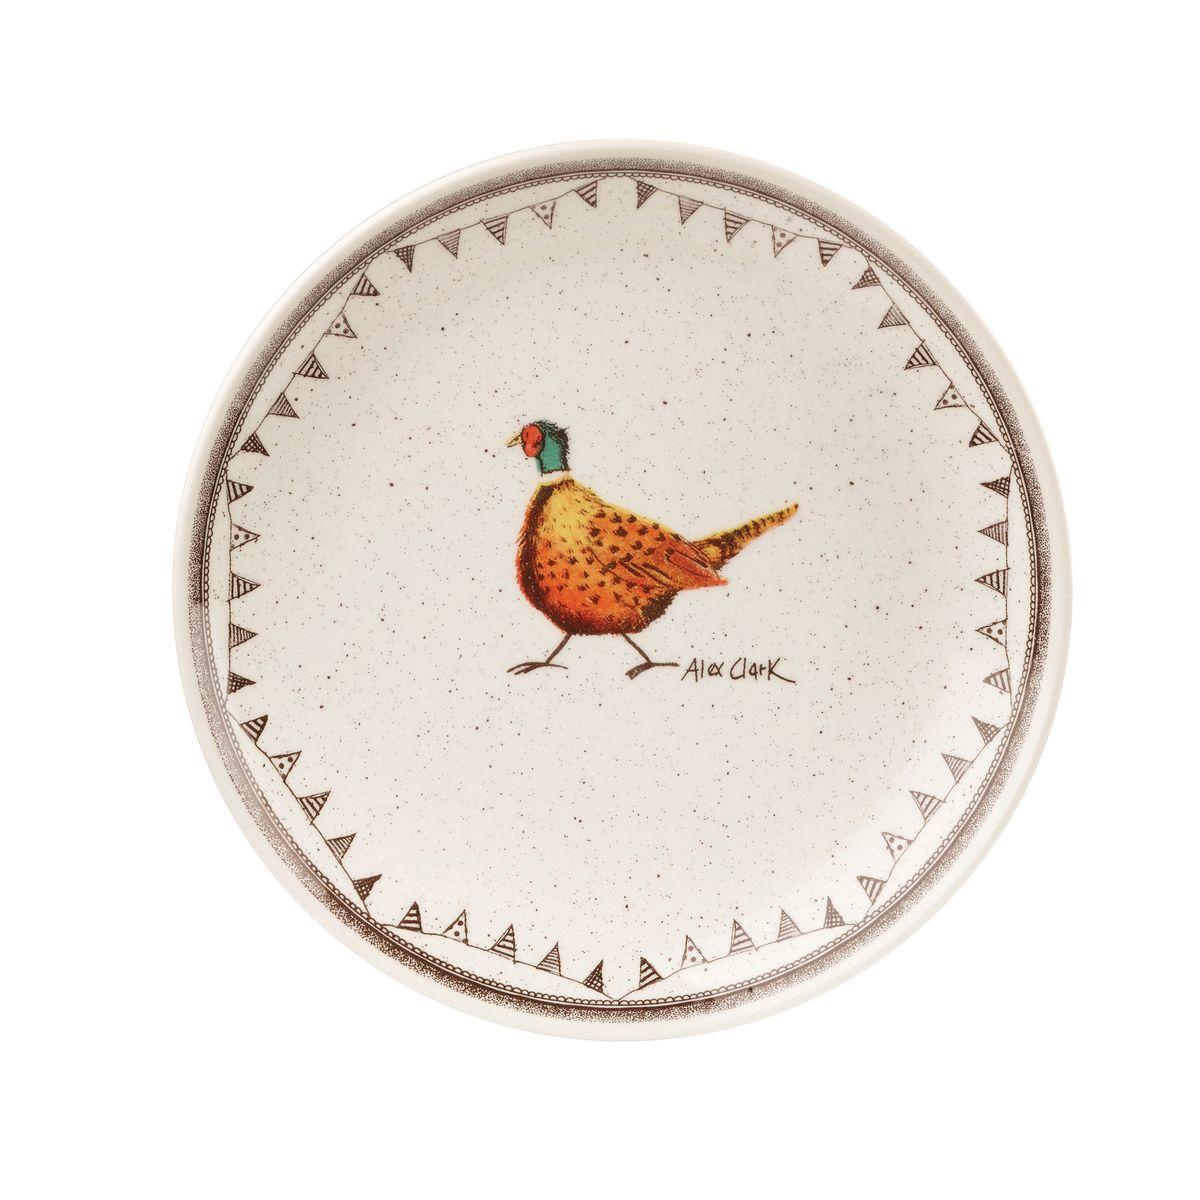 Тарелка десертная Churchill, диаметр 20 см. ACWL0007154 009312Коллекция Живая природа - уникальное сочетание живой природы и прекрасные воспоминания из детства. Лёгкий и простой дизайн с пастельными красками идеально подойдёт для любой кухни. Материал: Фарфор, керамика, фаянс, костяной фарфор.Можно мыть в посудомоечной машинеМожно использовать в микроволновой печи